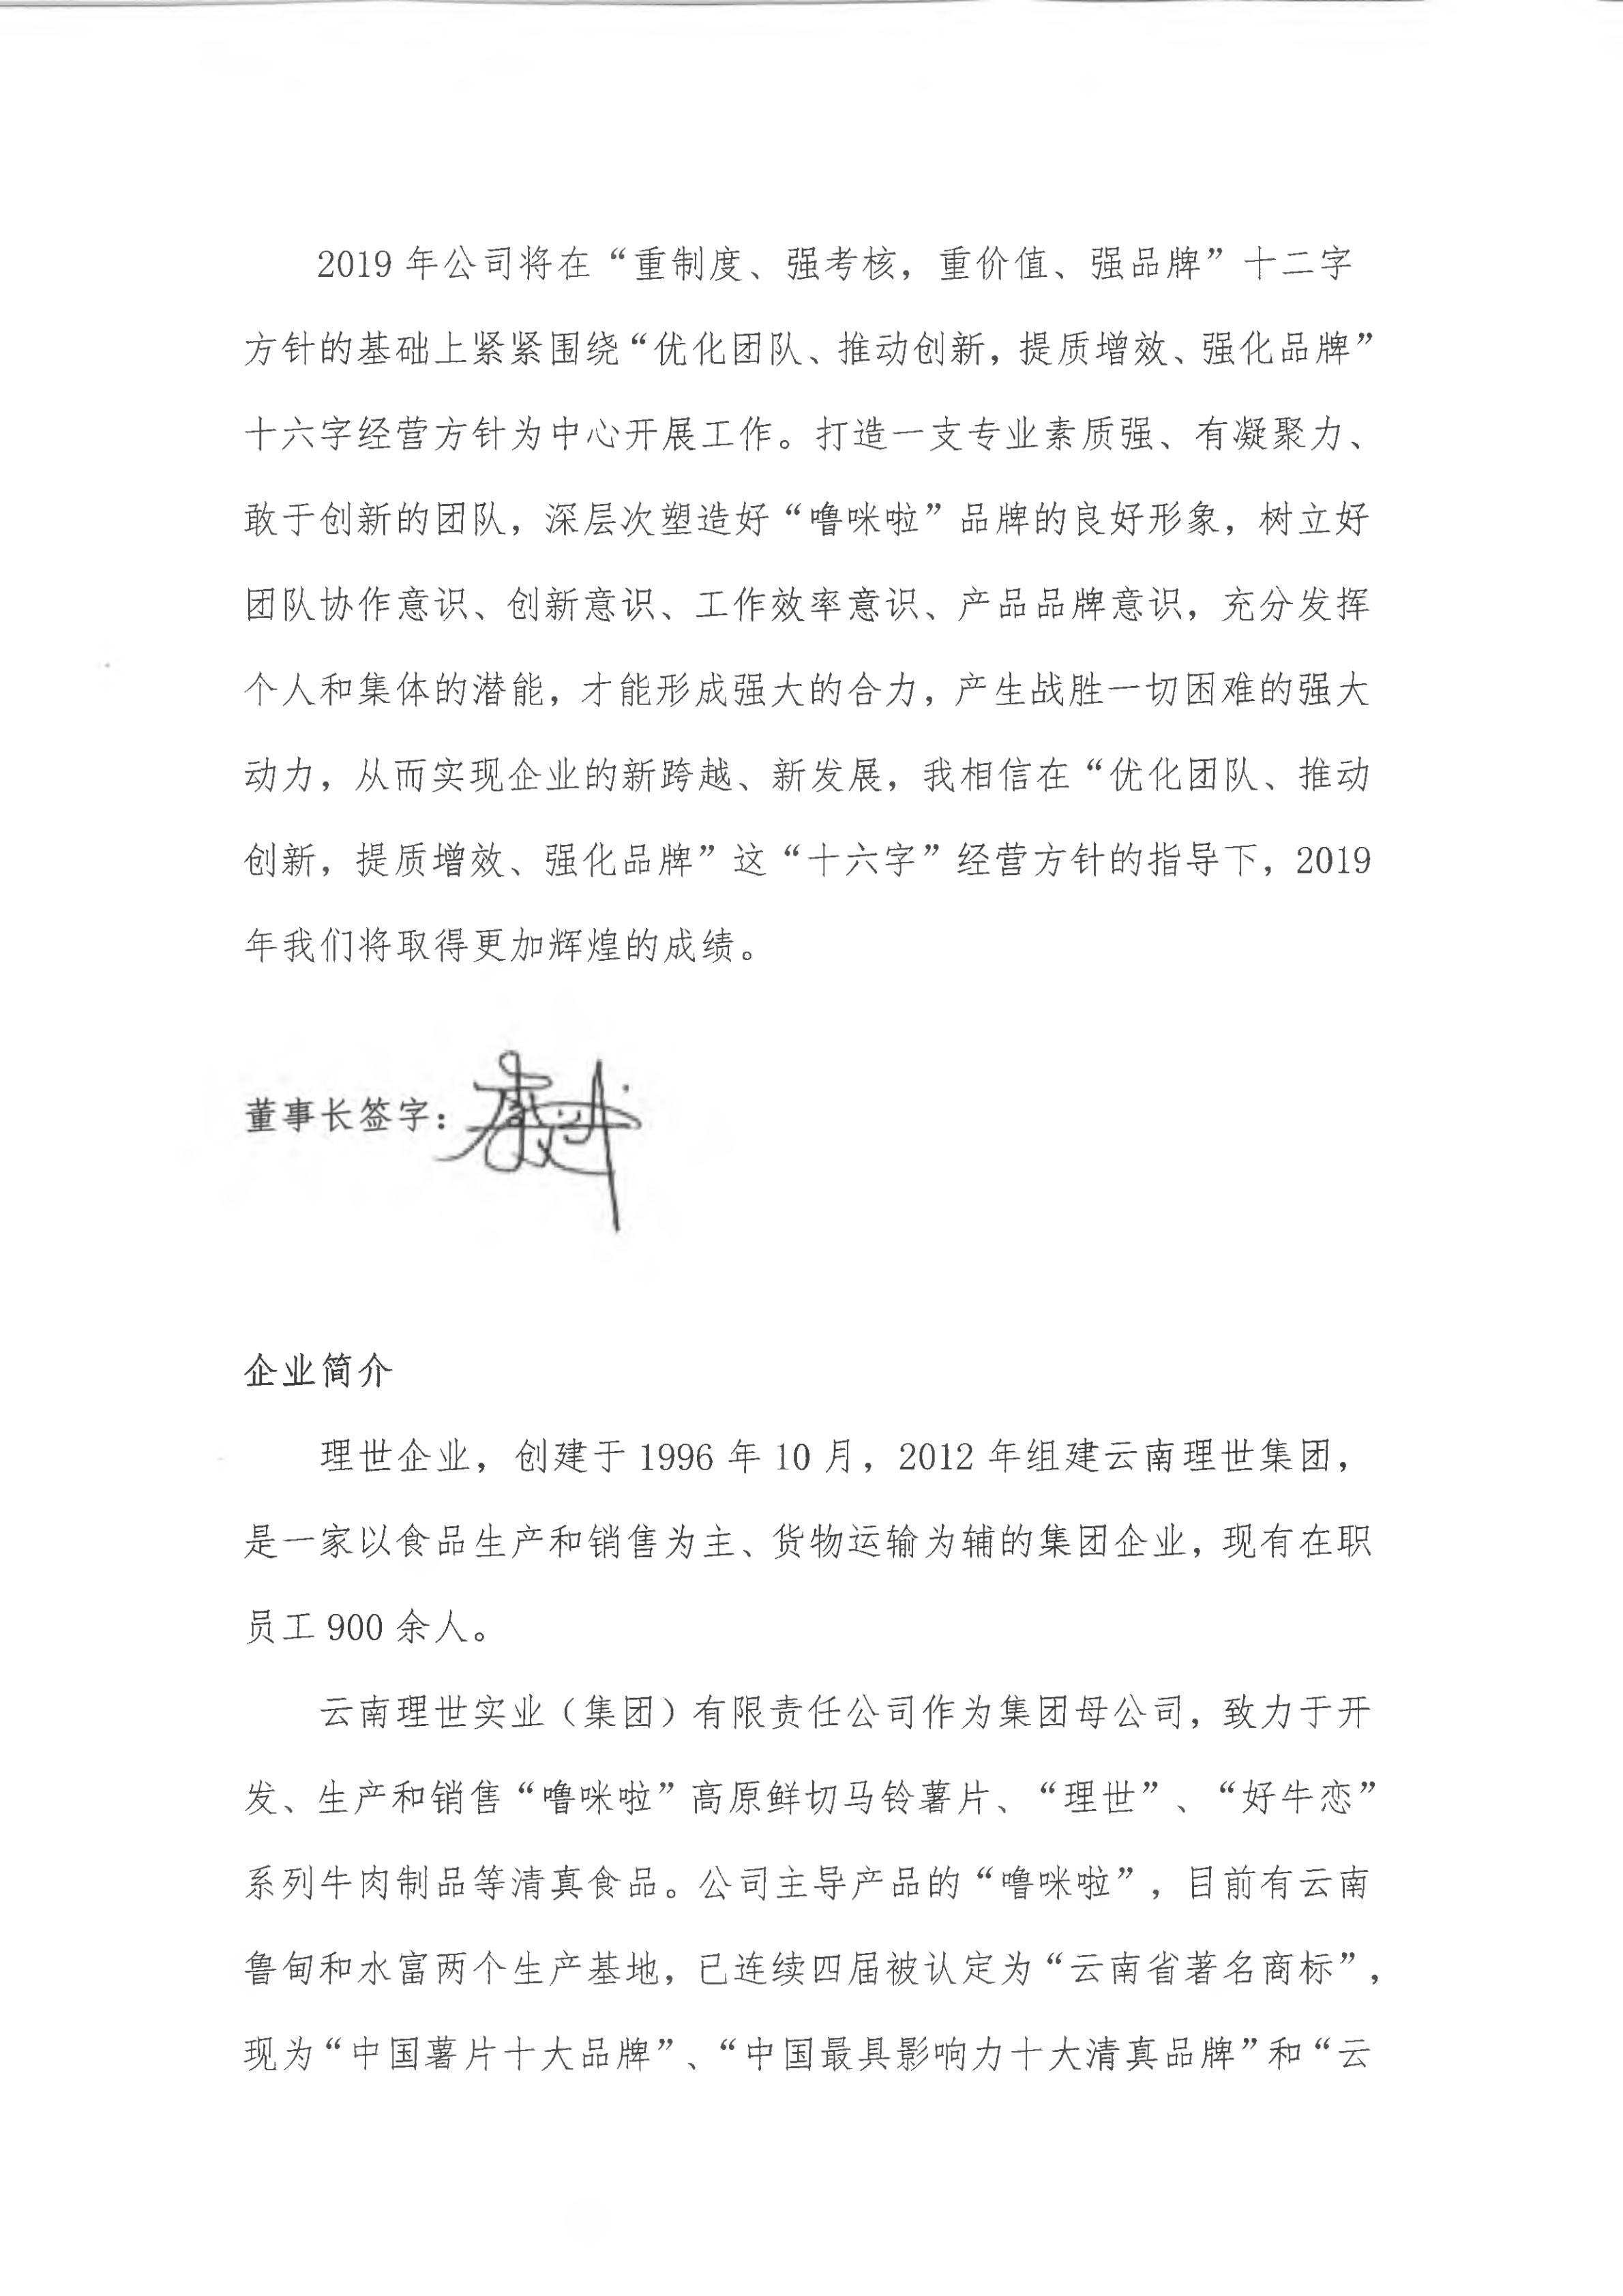 云南理世實業(集團)有限責任公司2018年社會責任報告.FR11_03.jpg